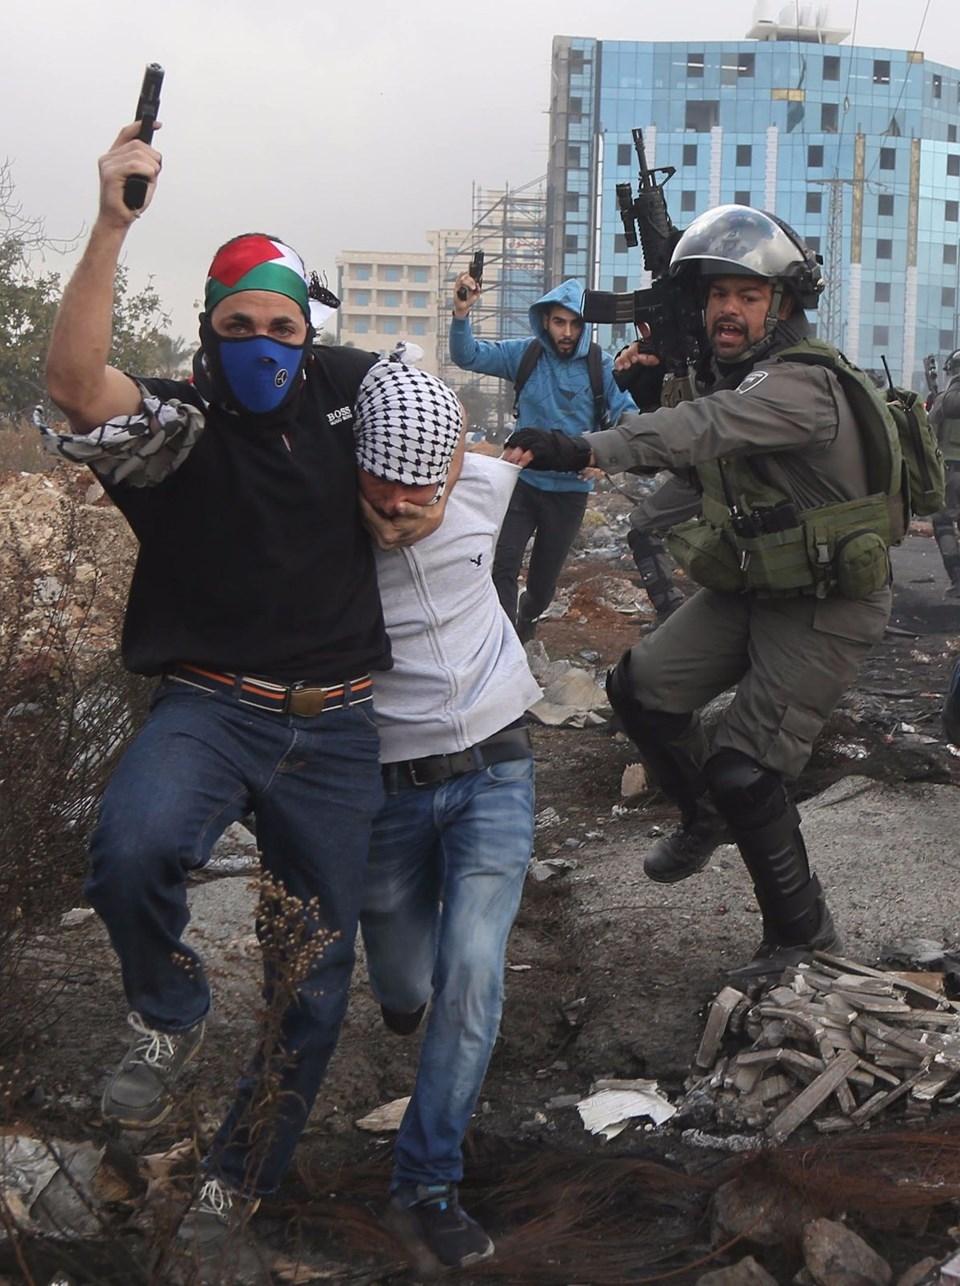 Şok fotoğraflar:Yüzünde maske elinde filistin bayrağı ve silah 12